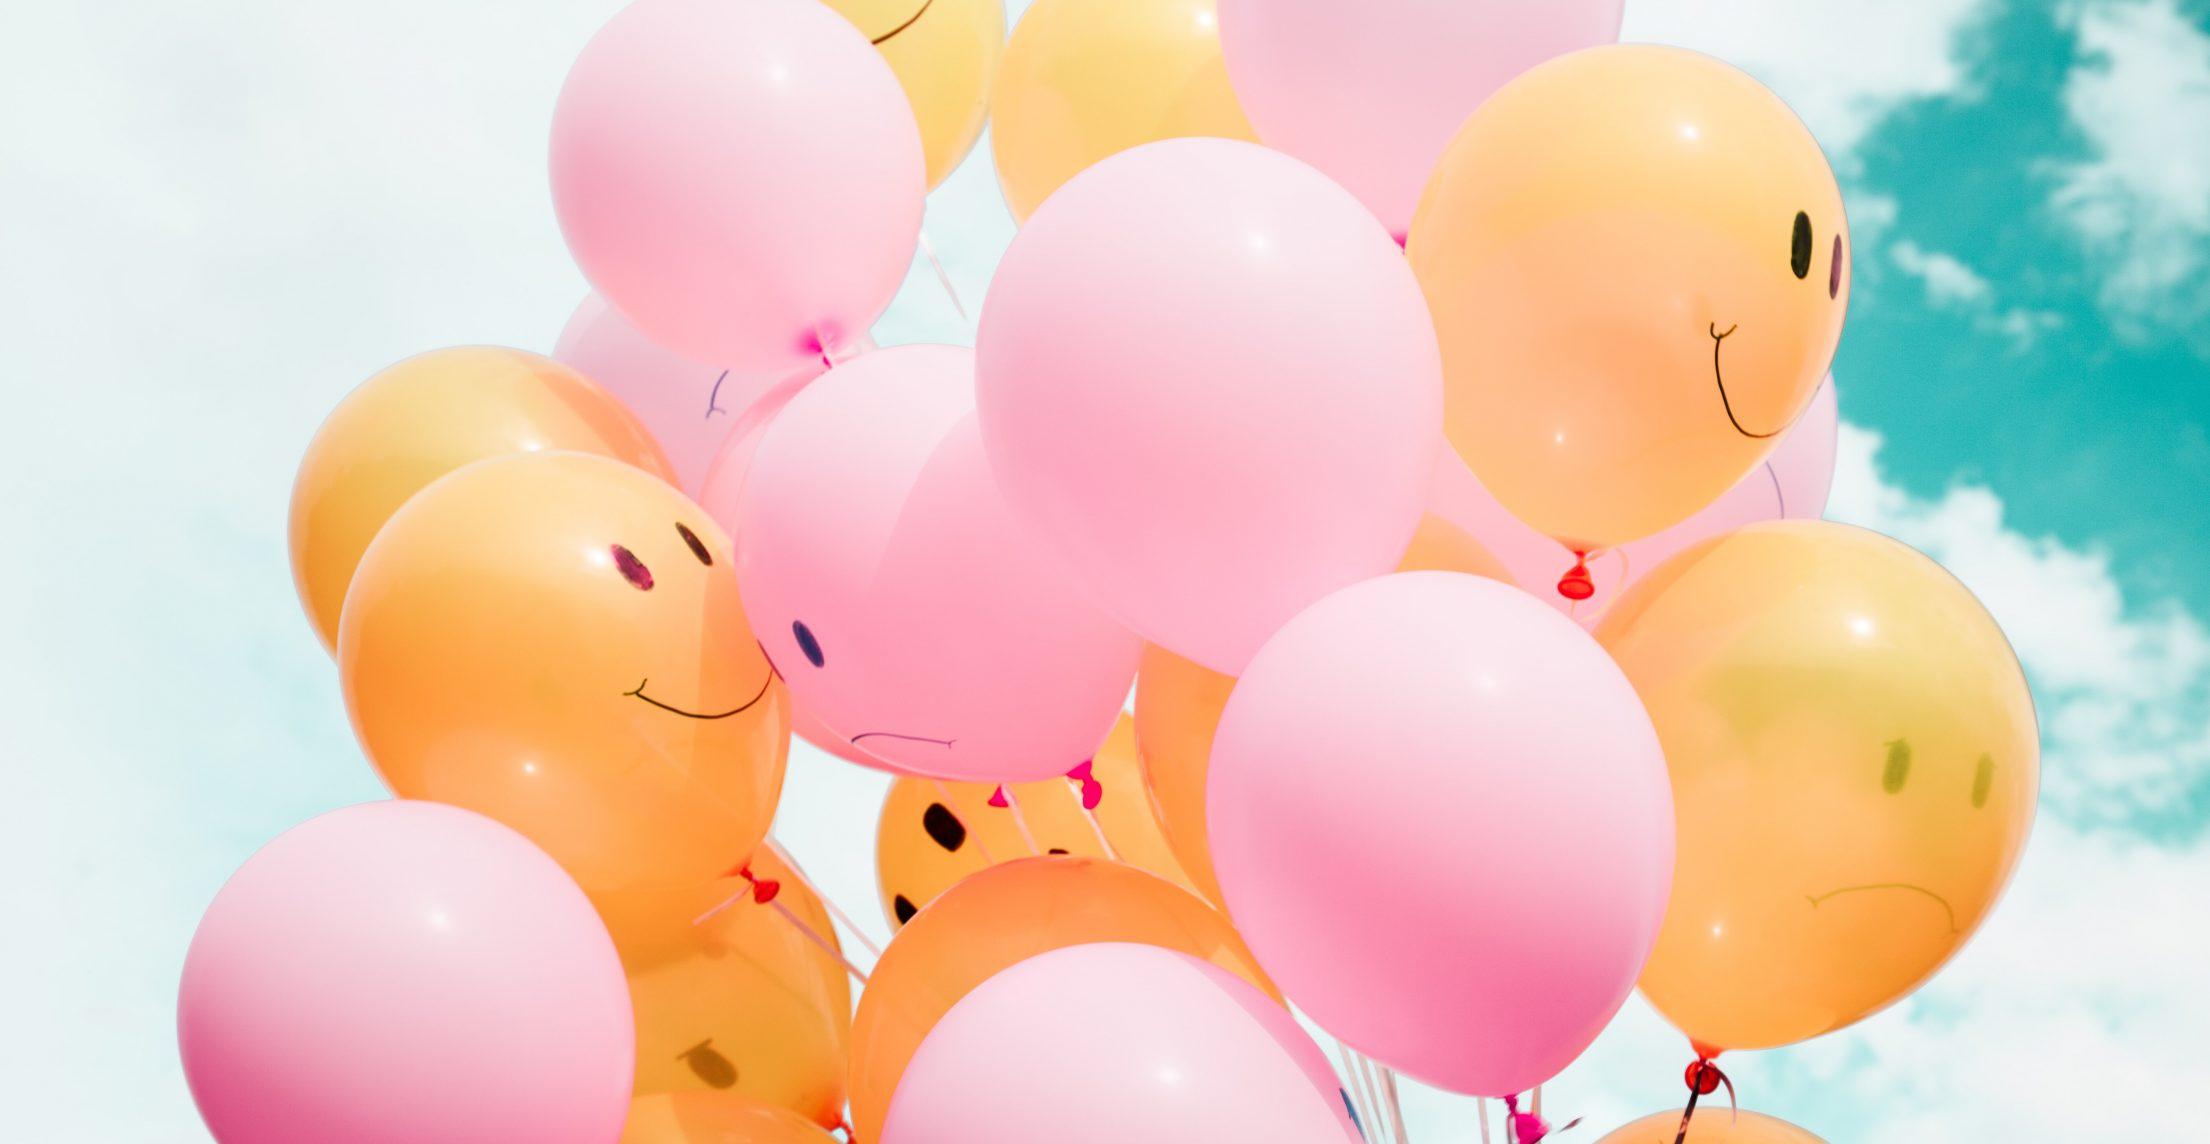 Blog - De invloed van je omgeving op jouw geluk